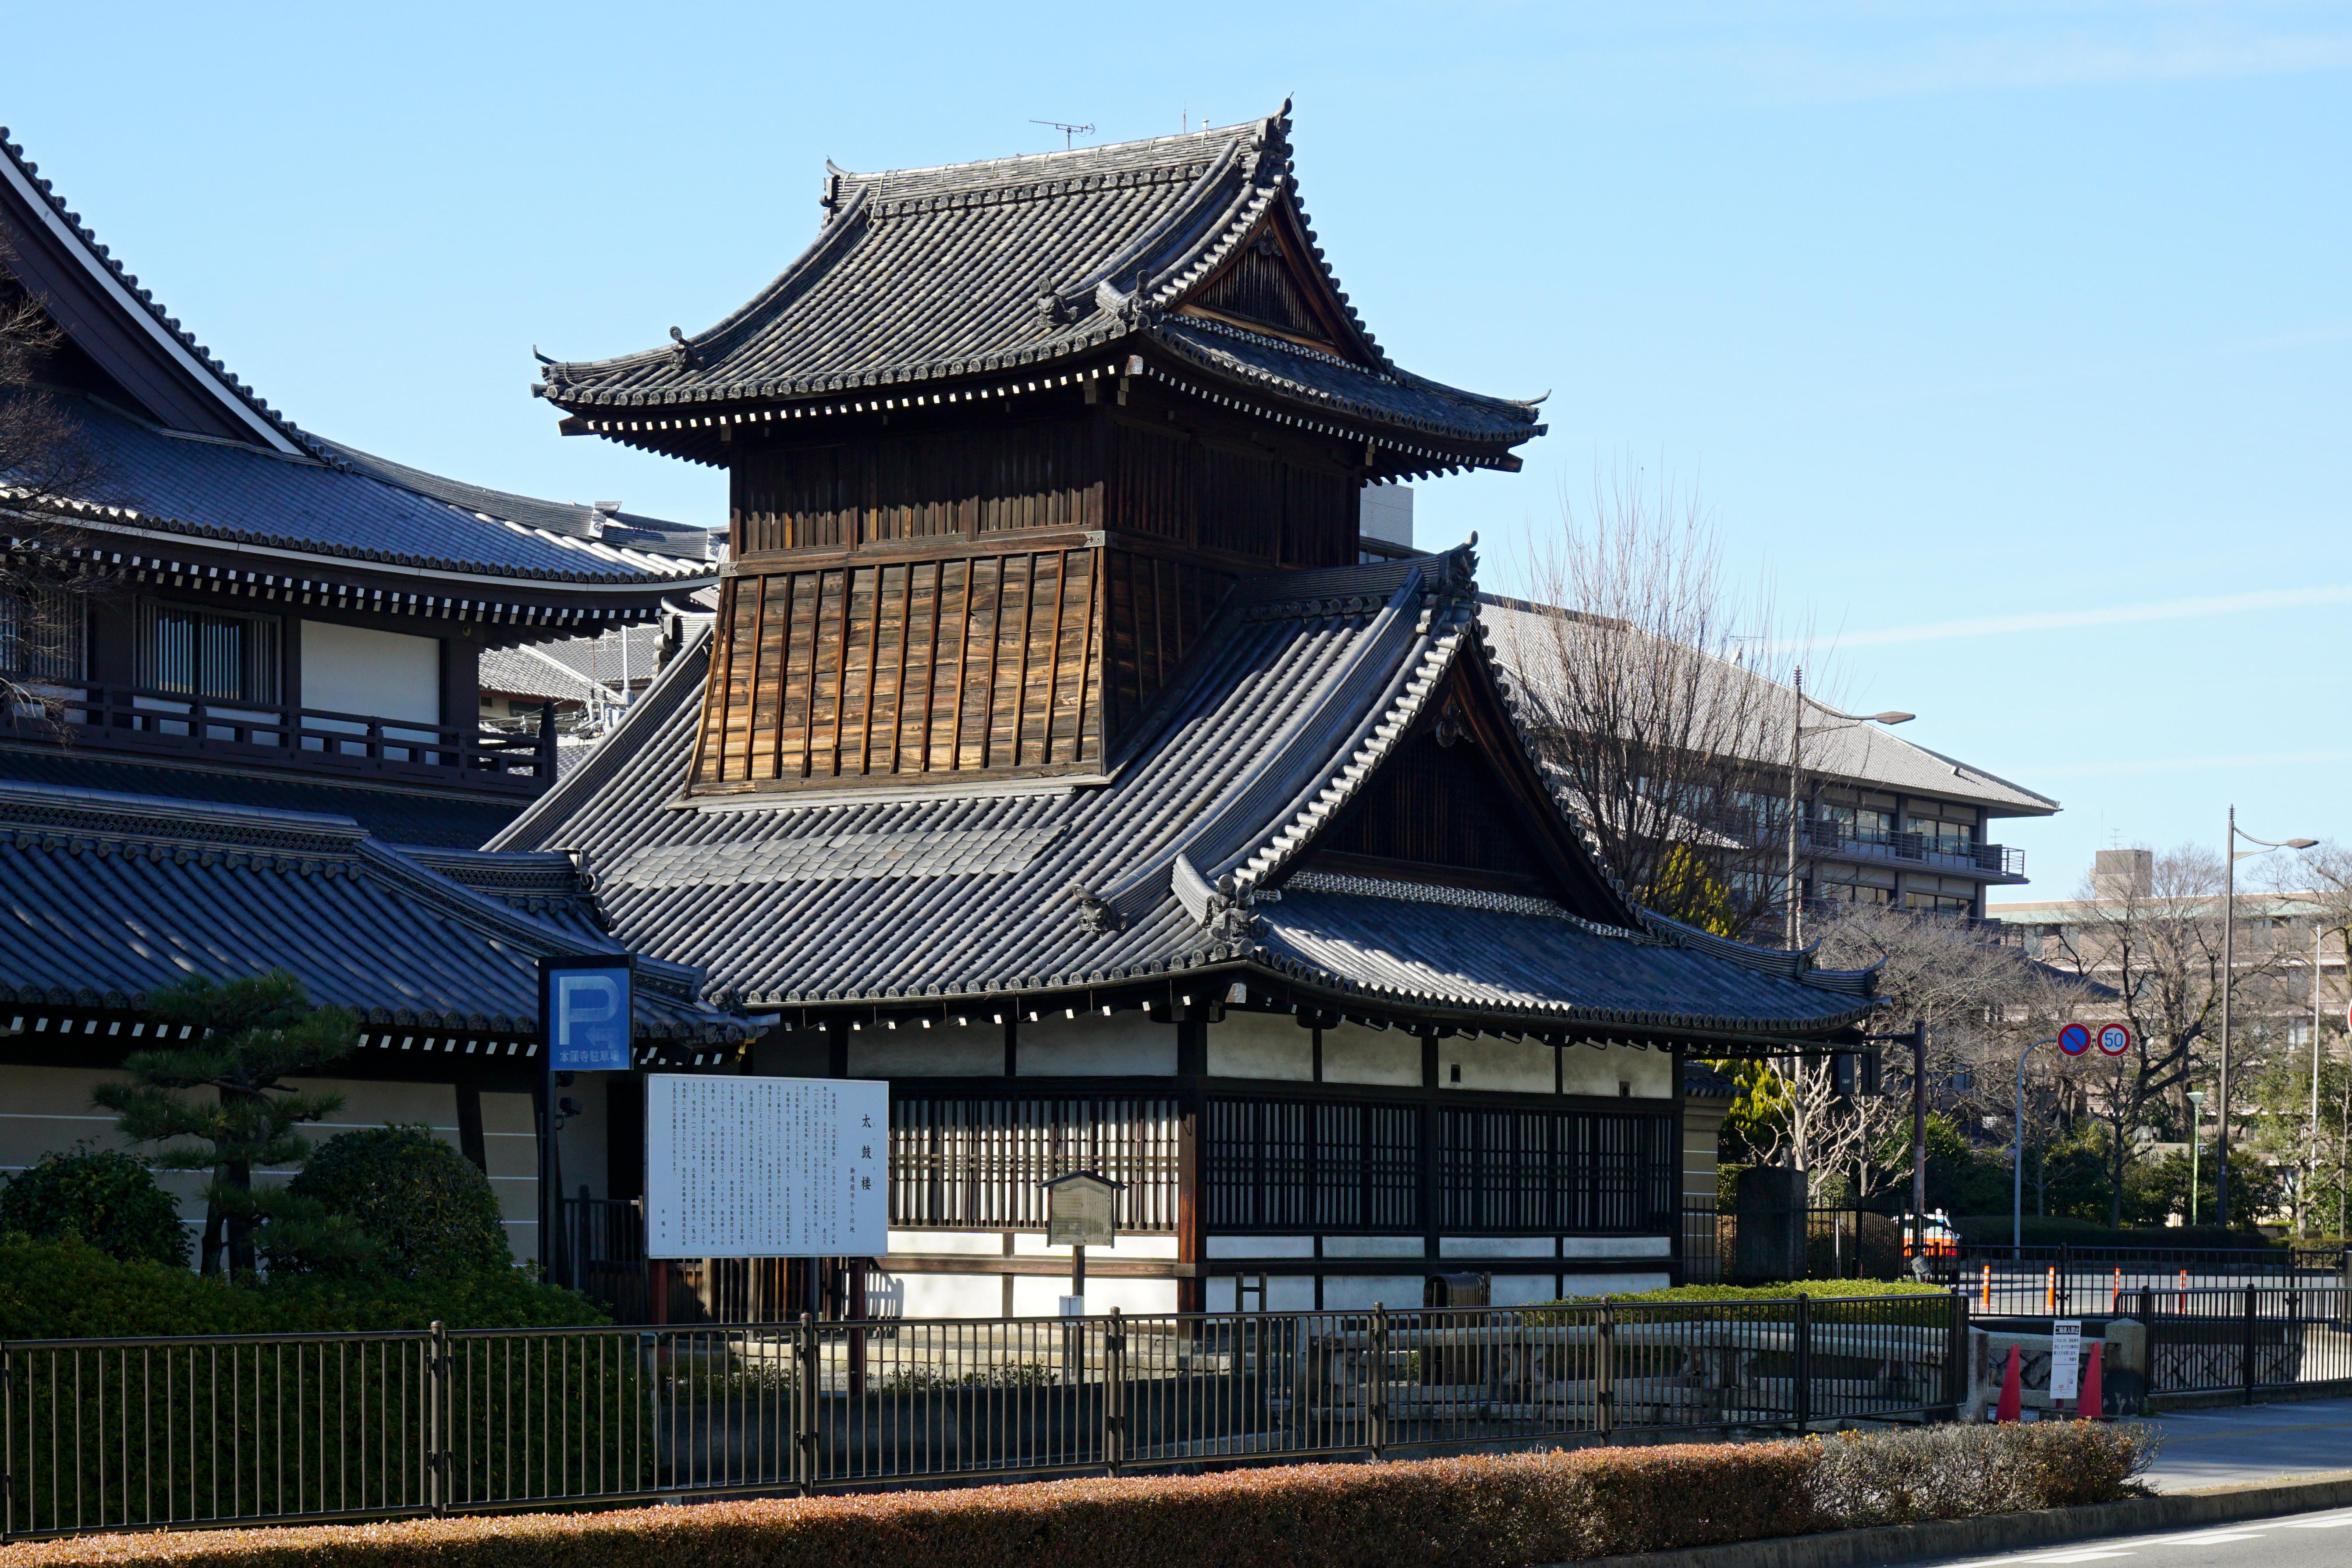 西本願寺170128京都Japan13n.jpg